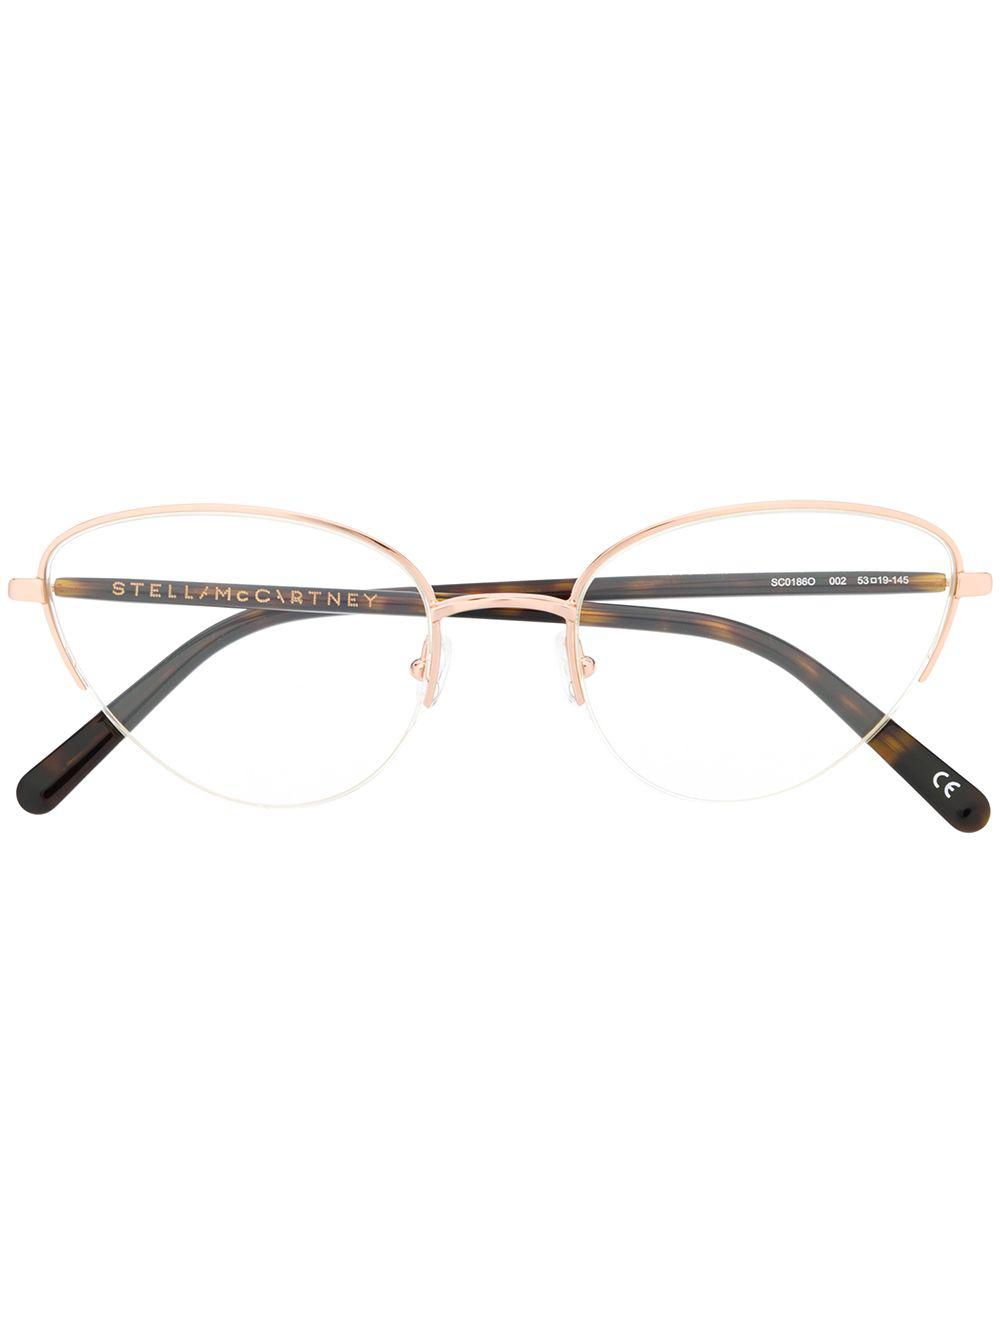 c0e83339e55 Stella Mccartney Eyewear Cat Eye Frame Glasses - Brown. Farfetch